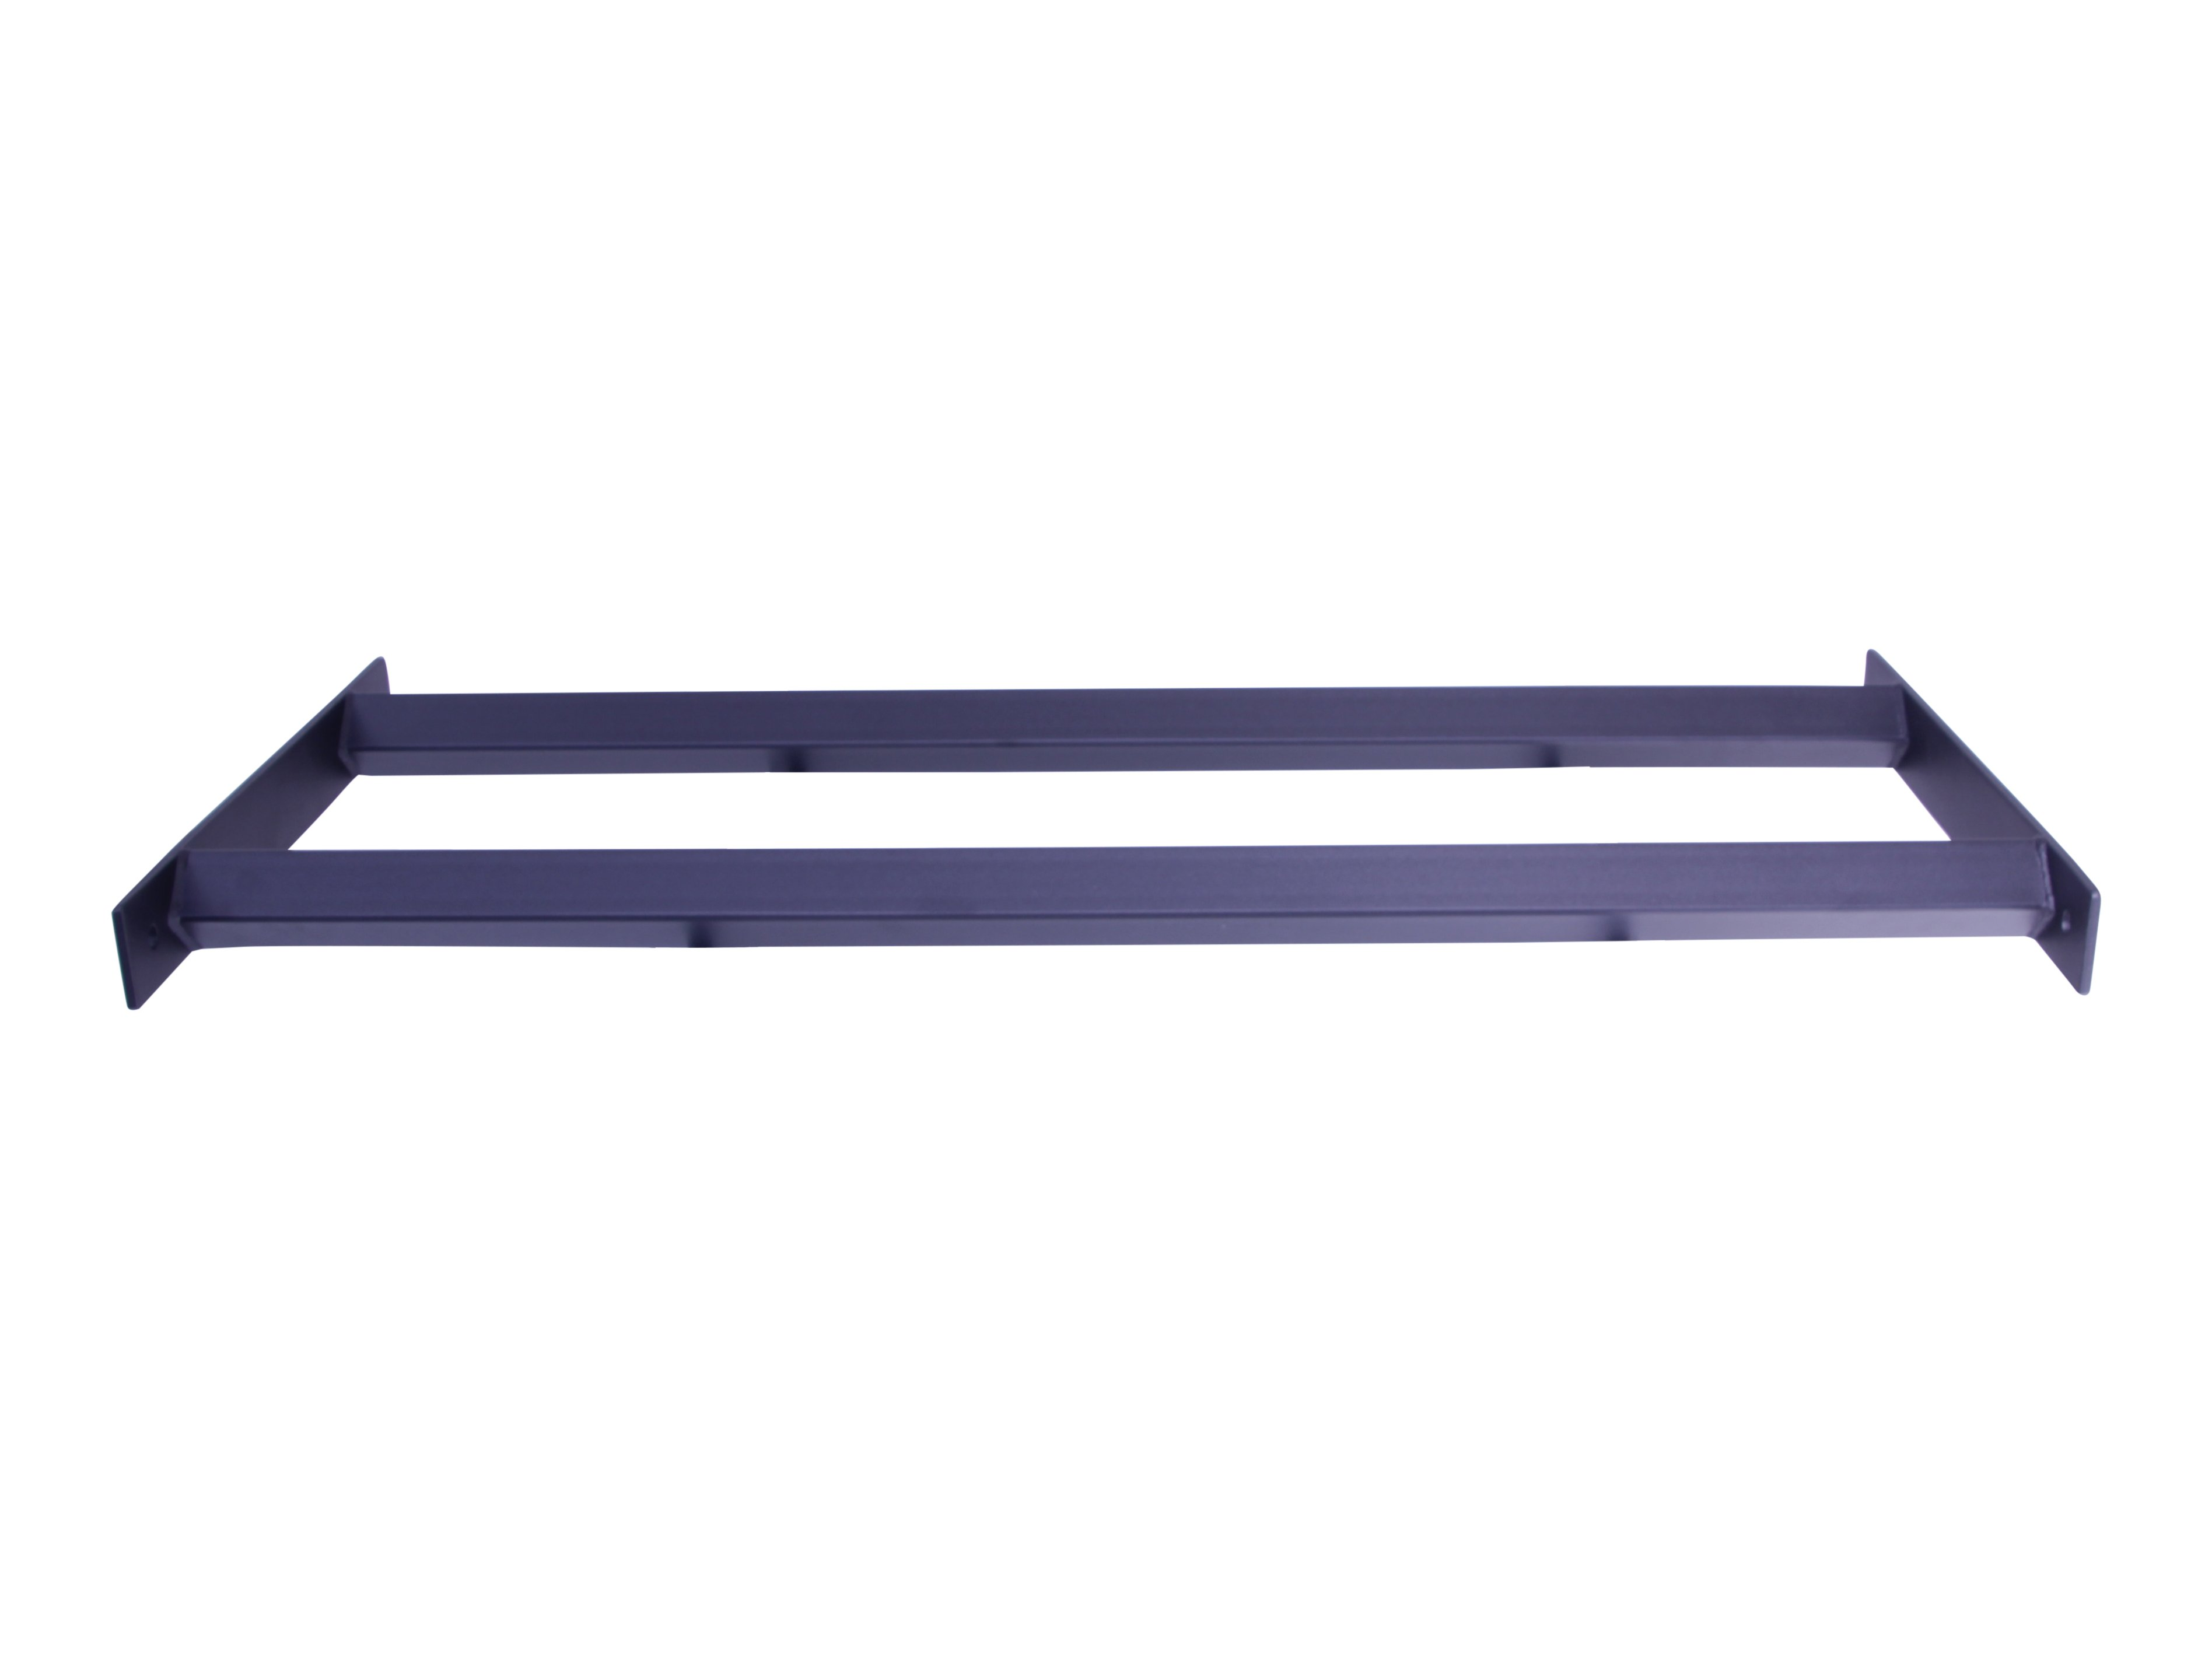 Crossmaxx Storage Plate Shelf